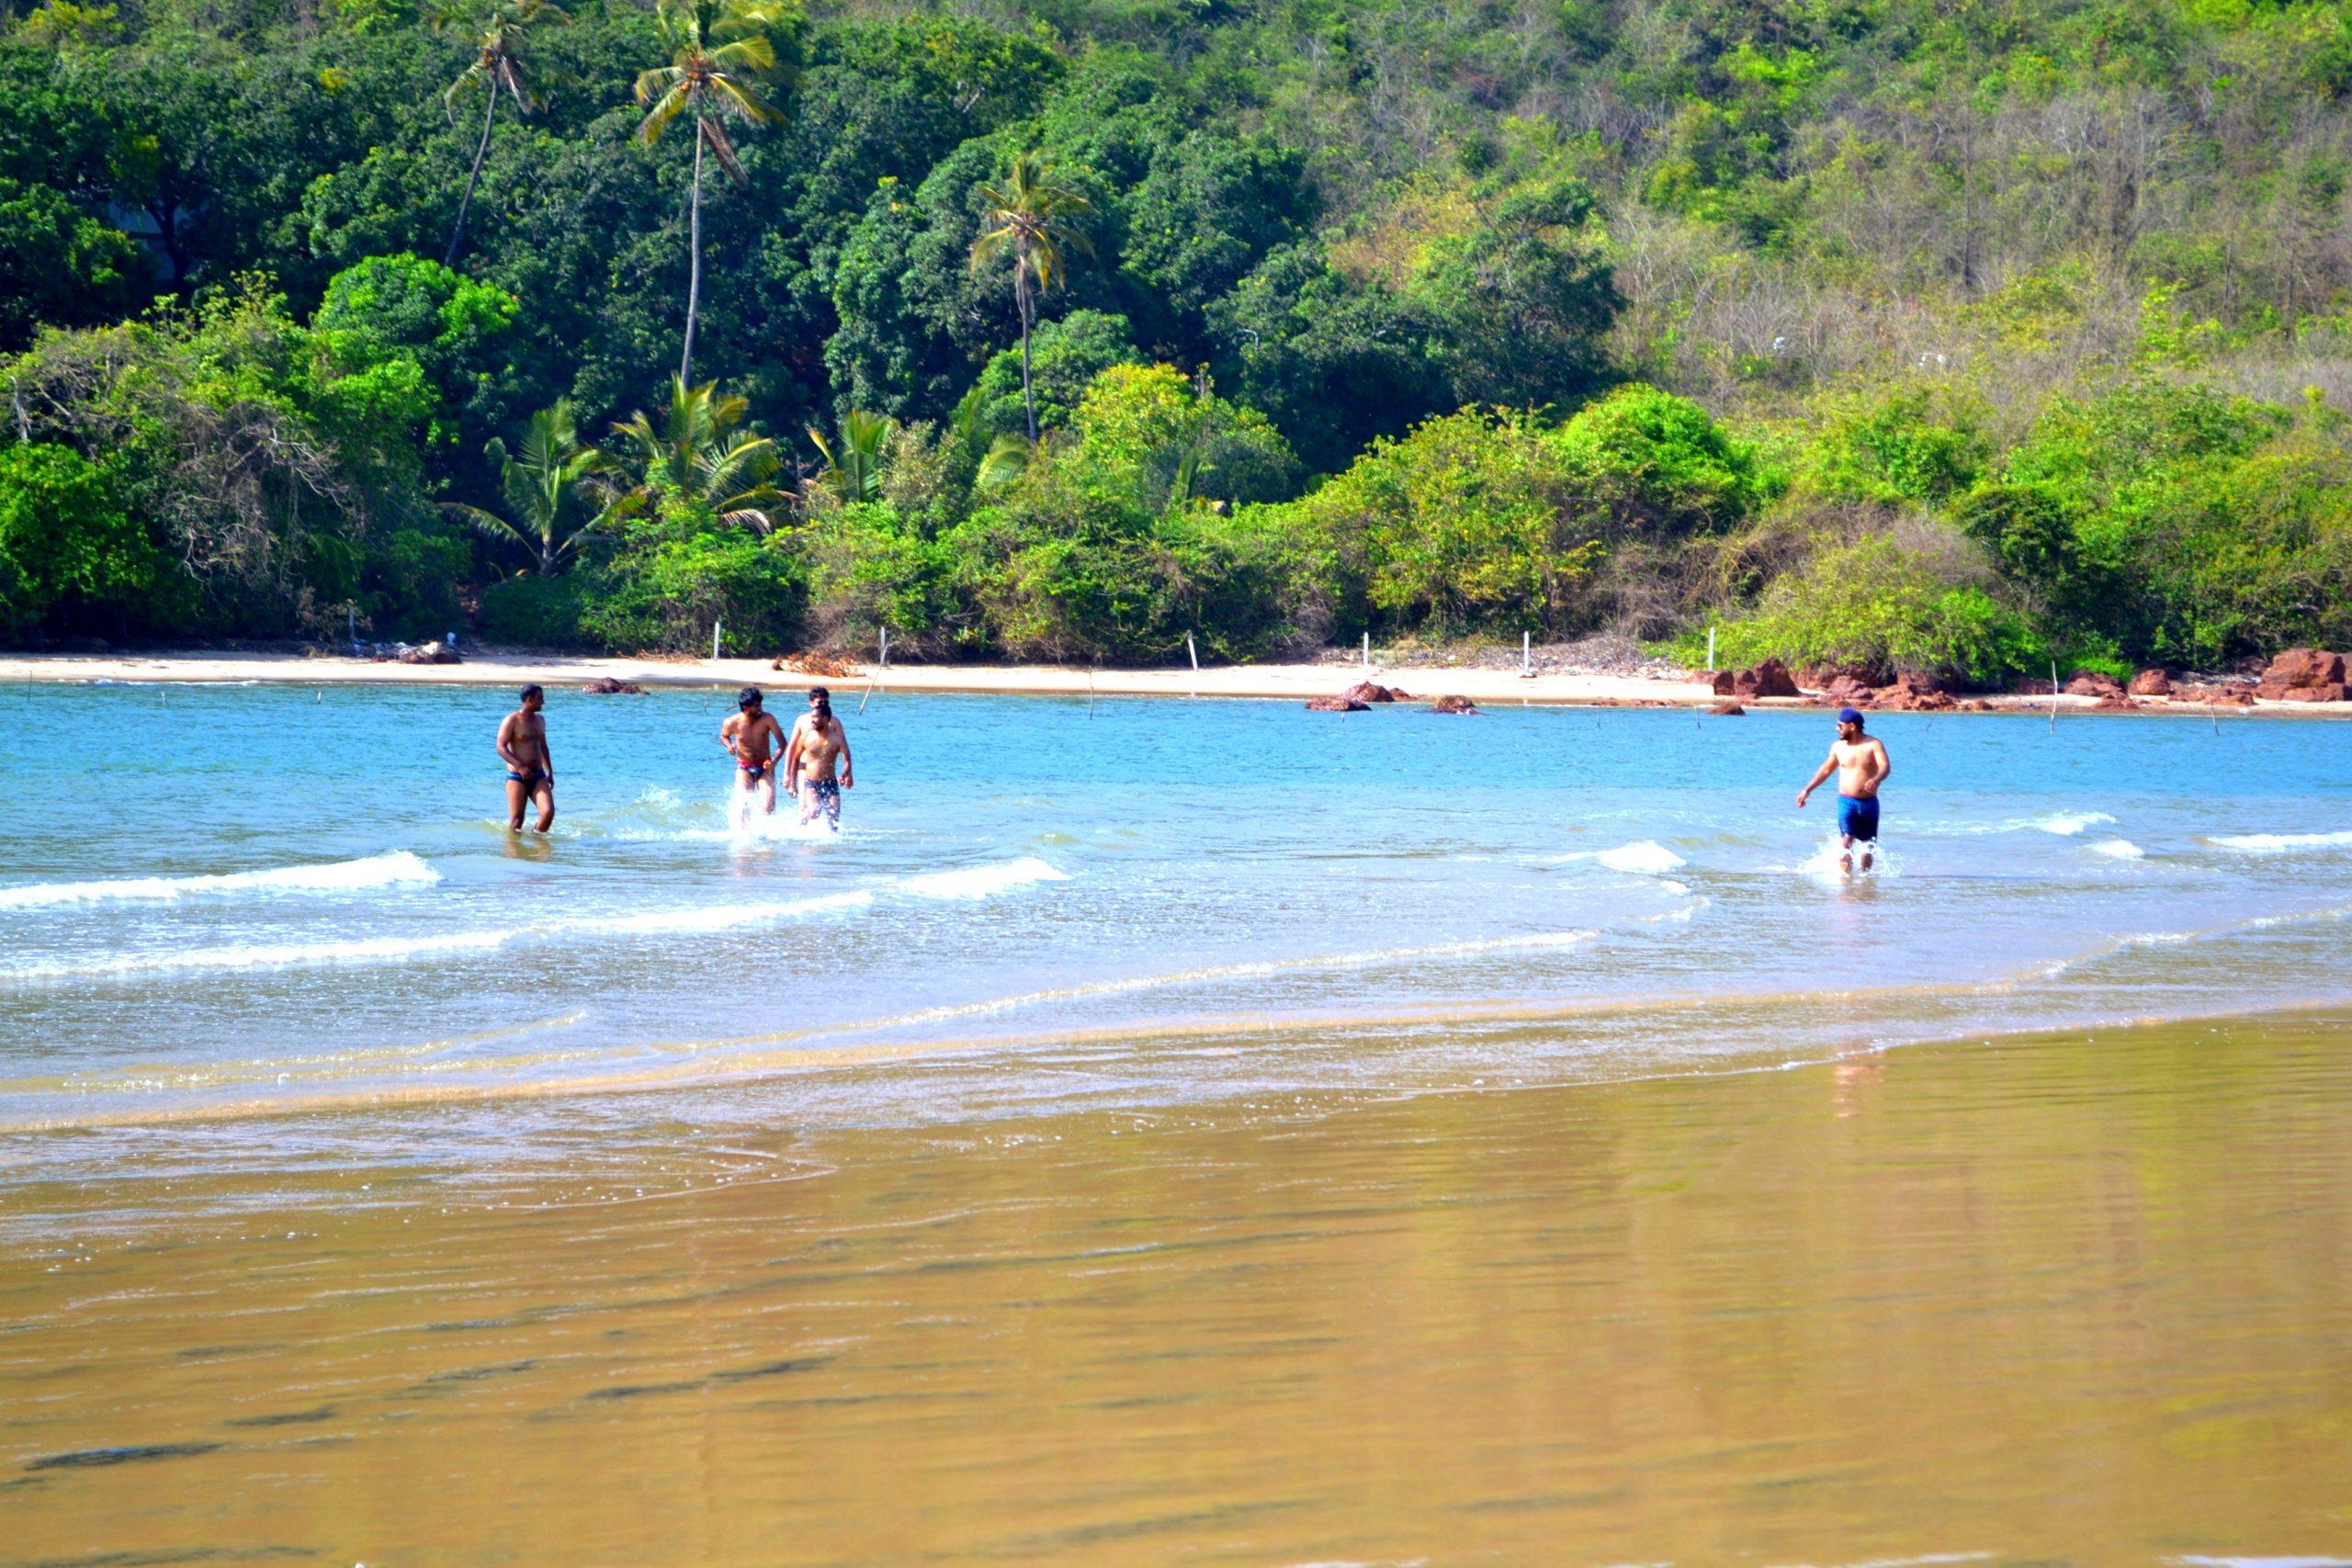 Visit Aare-Ware Beach in Ratnagiri